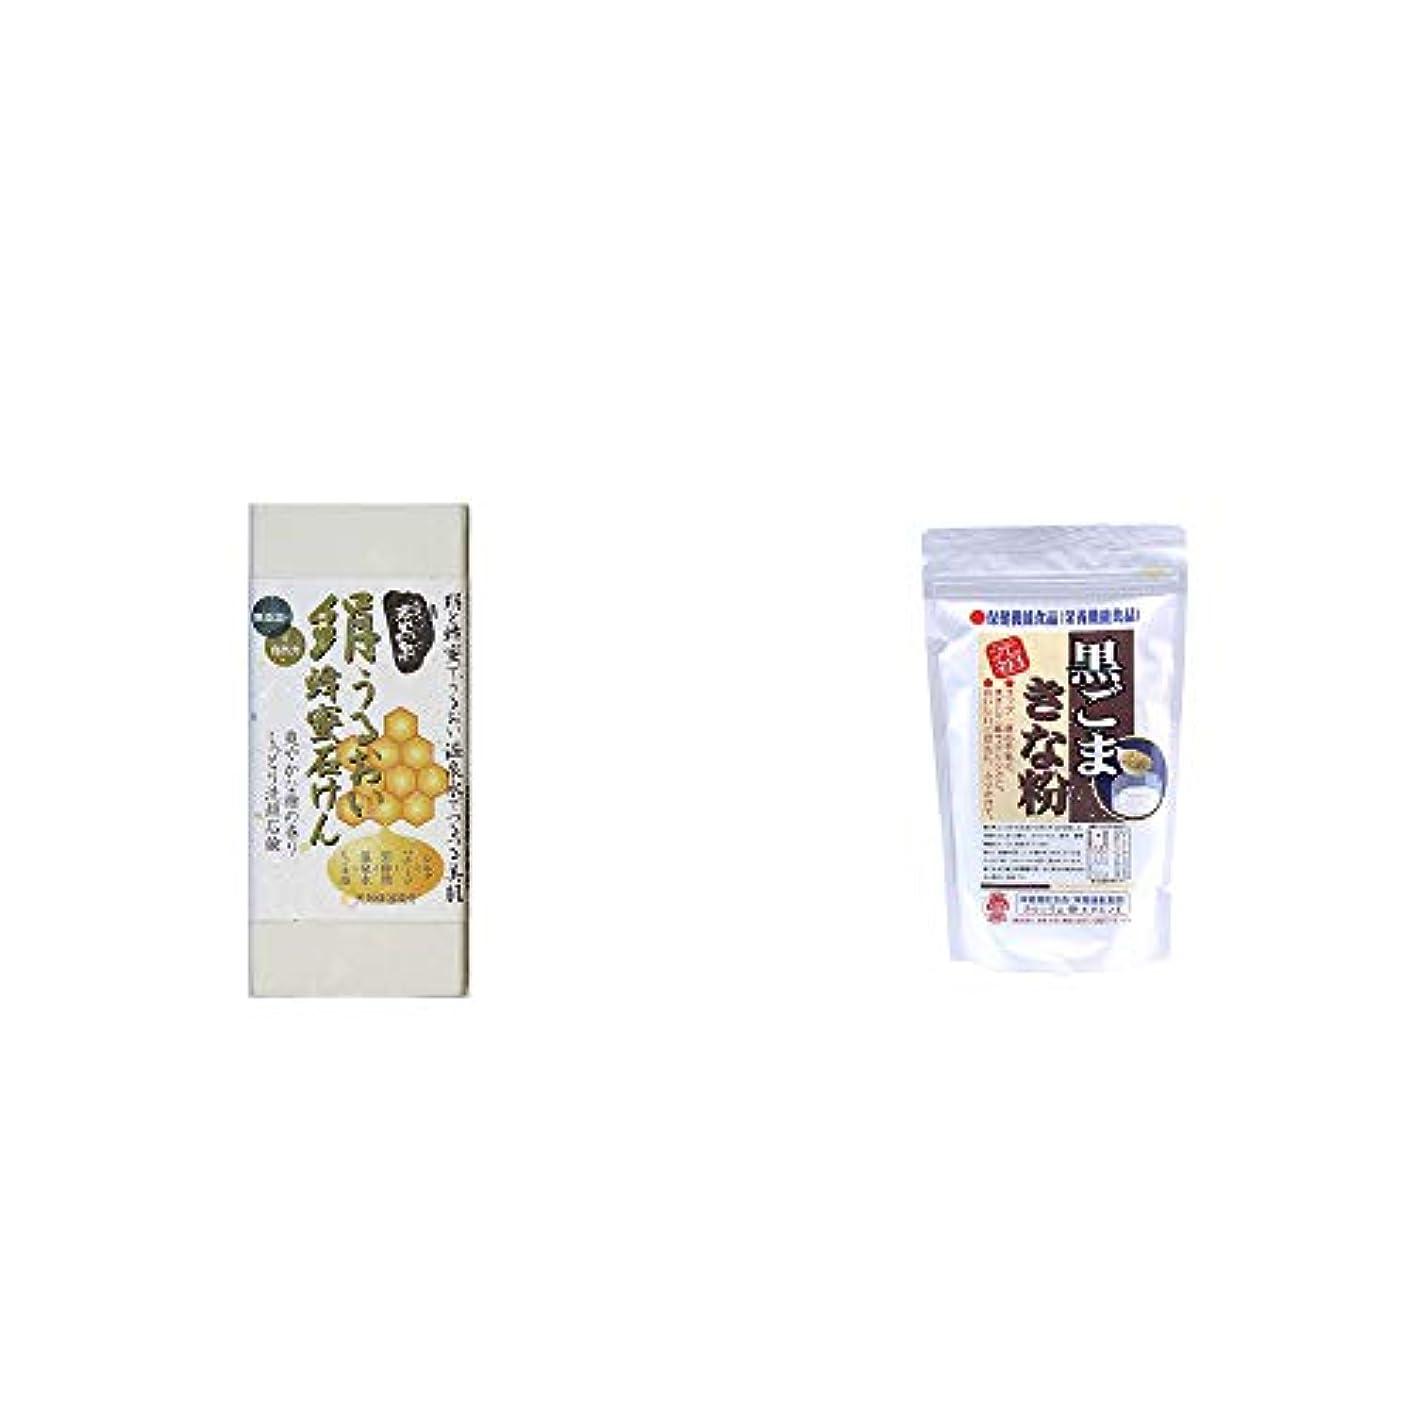 好み機知に富んだ合体[2点セット] ひのき炭黒泉 絹うるおい蜂蜜石けん(75g×2)?黒ごまきな粉(270g)